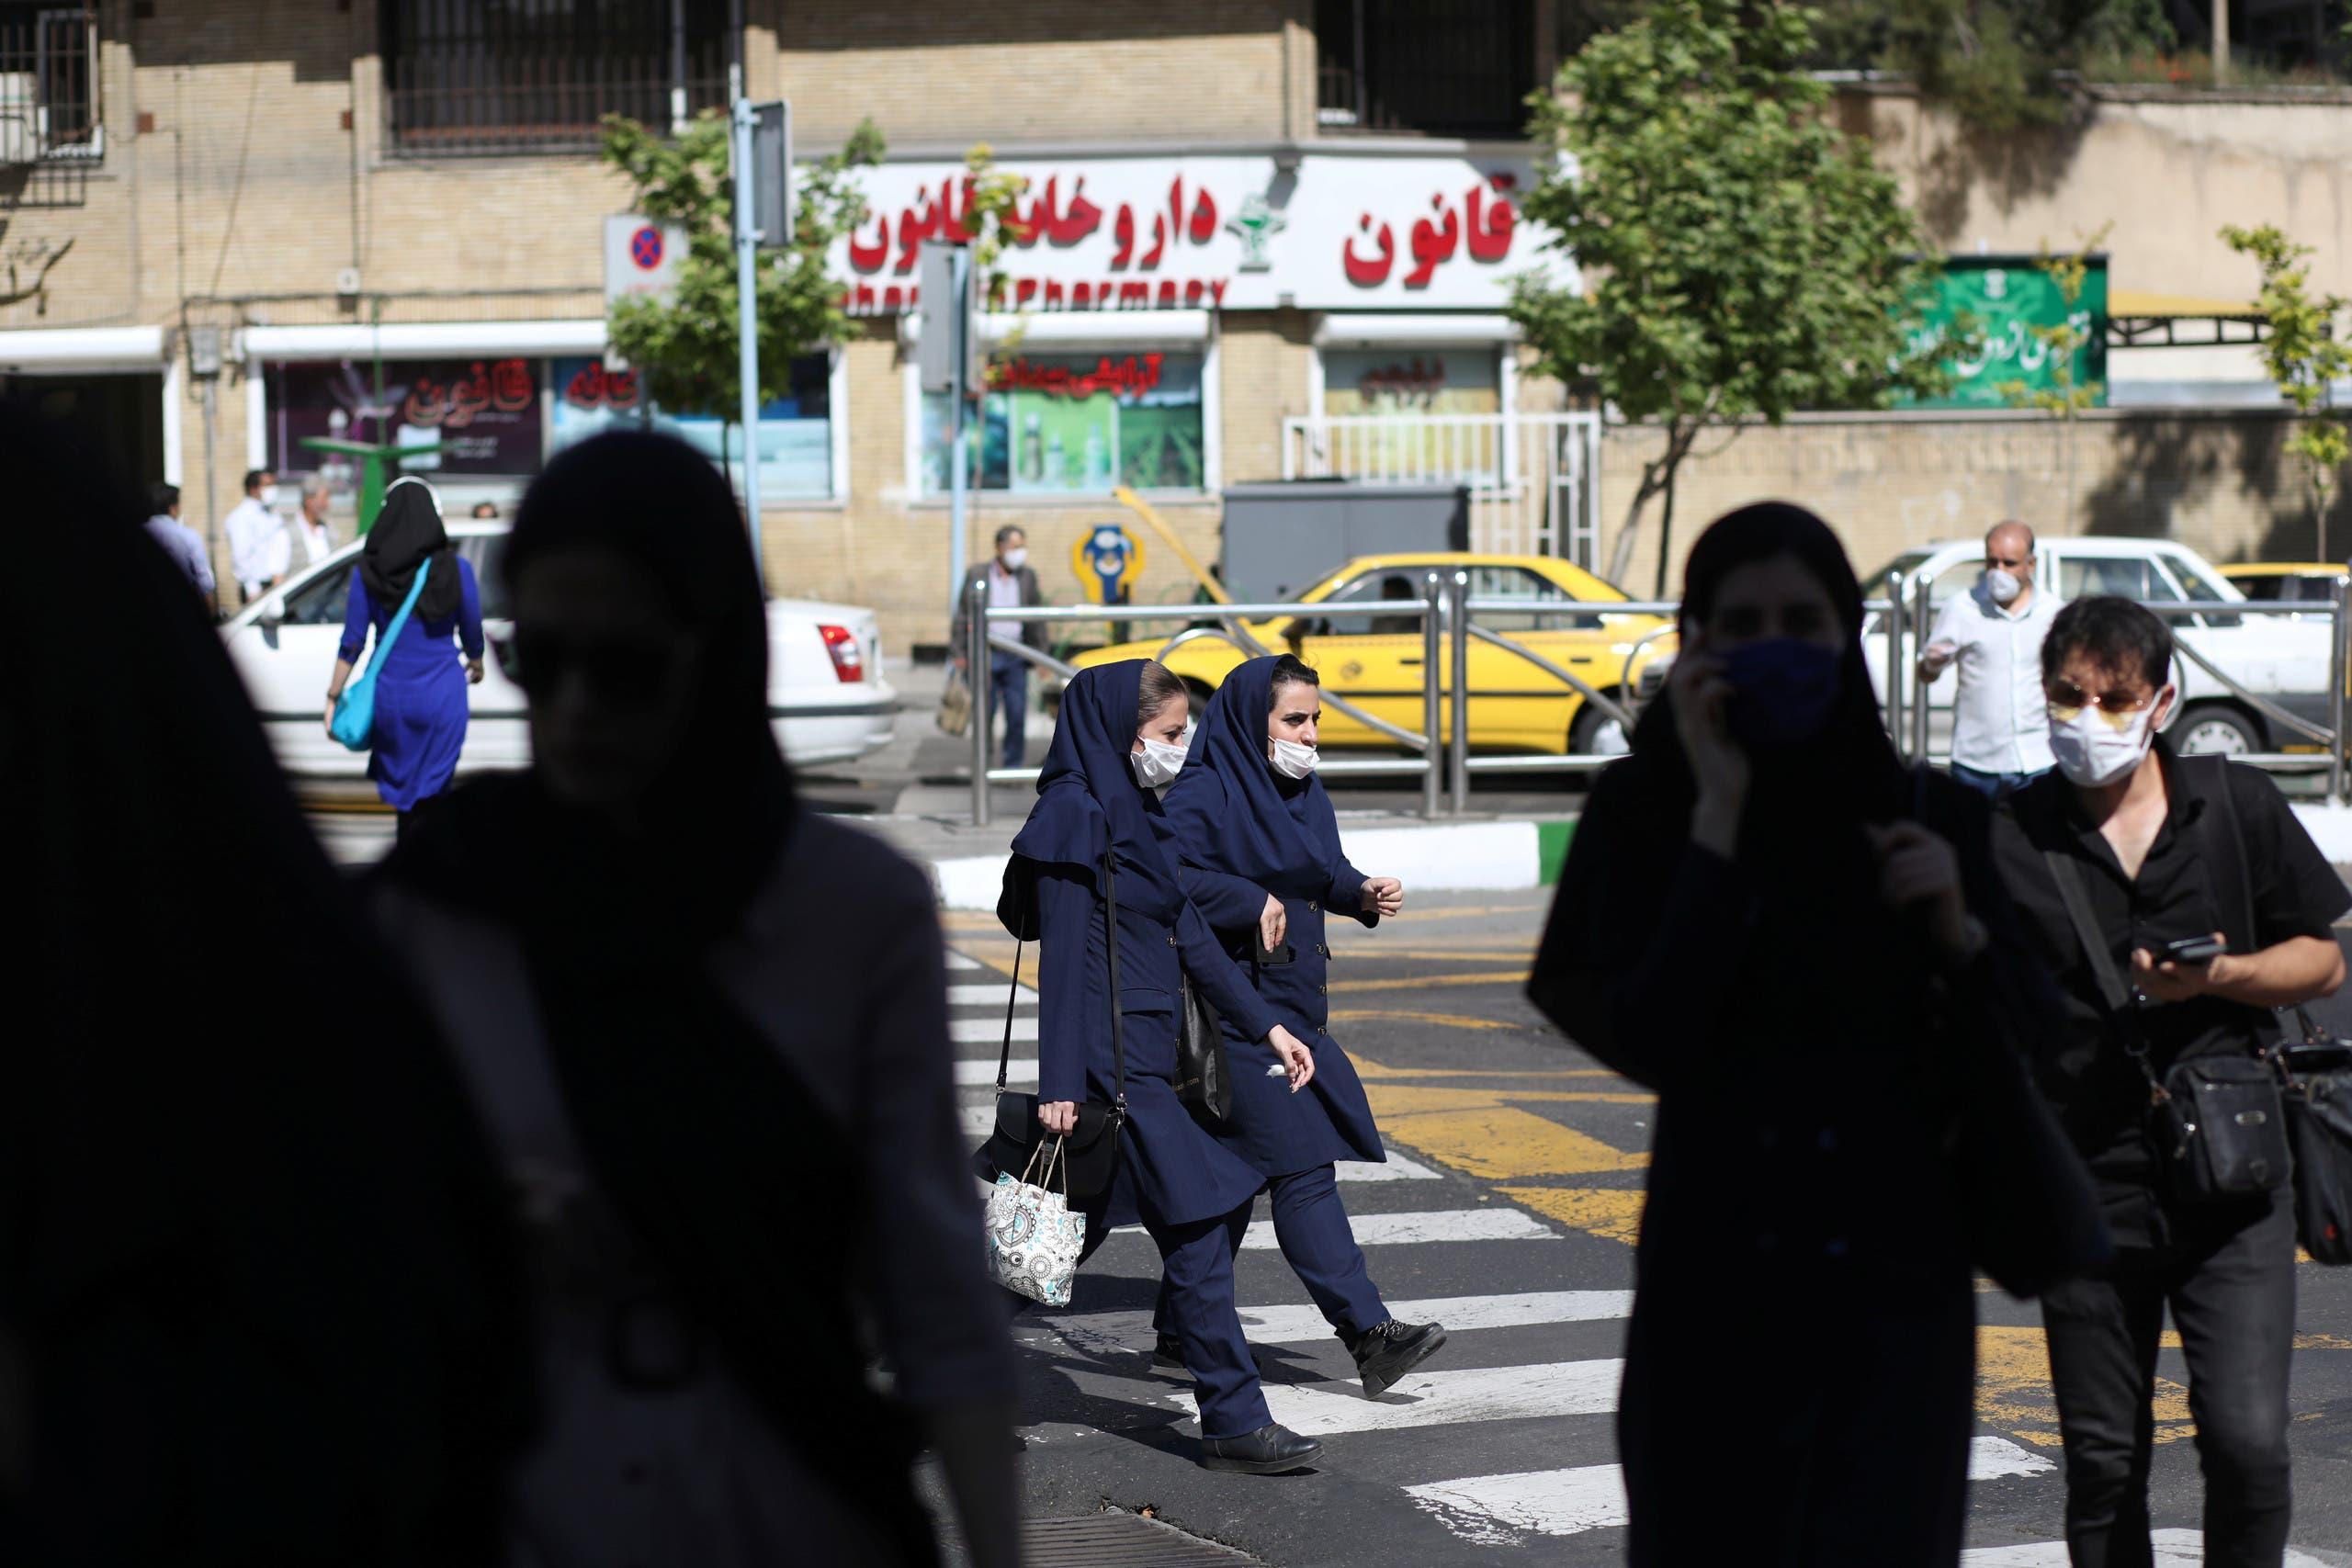 من طهران (أرشيفية- رويترز)